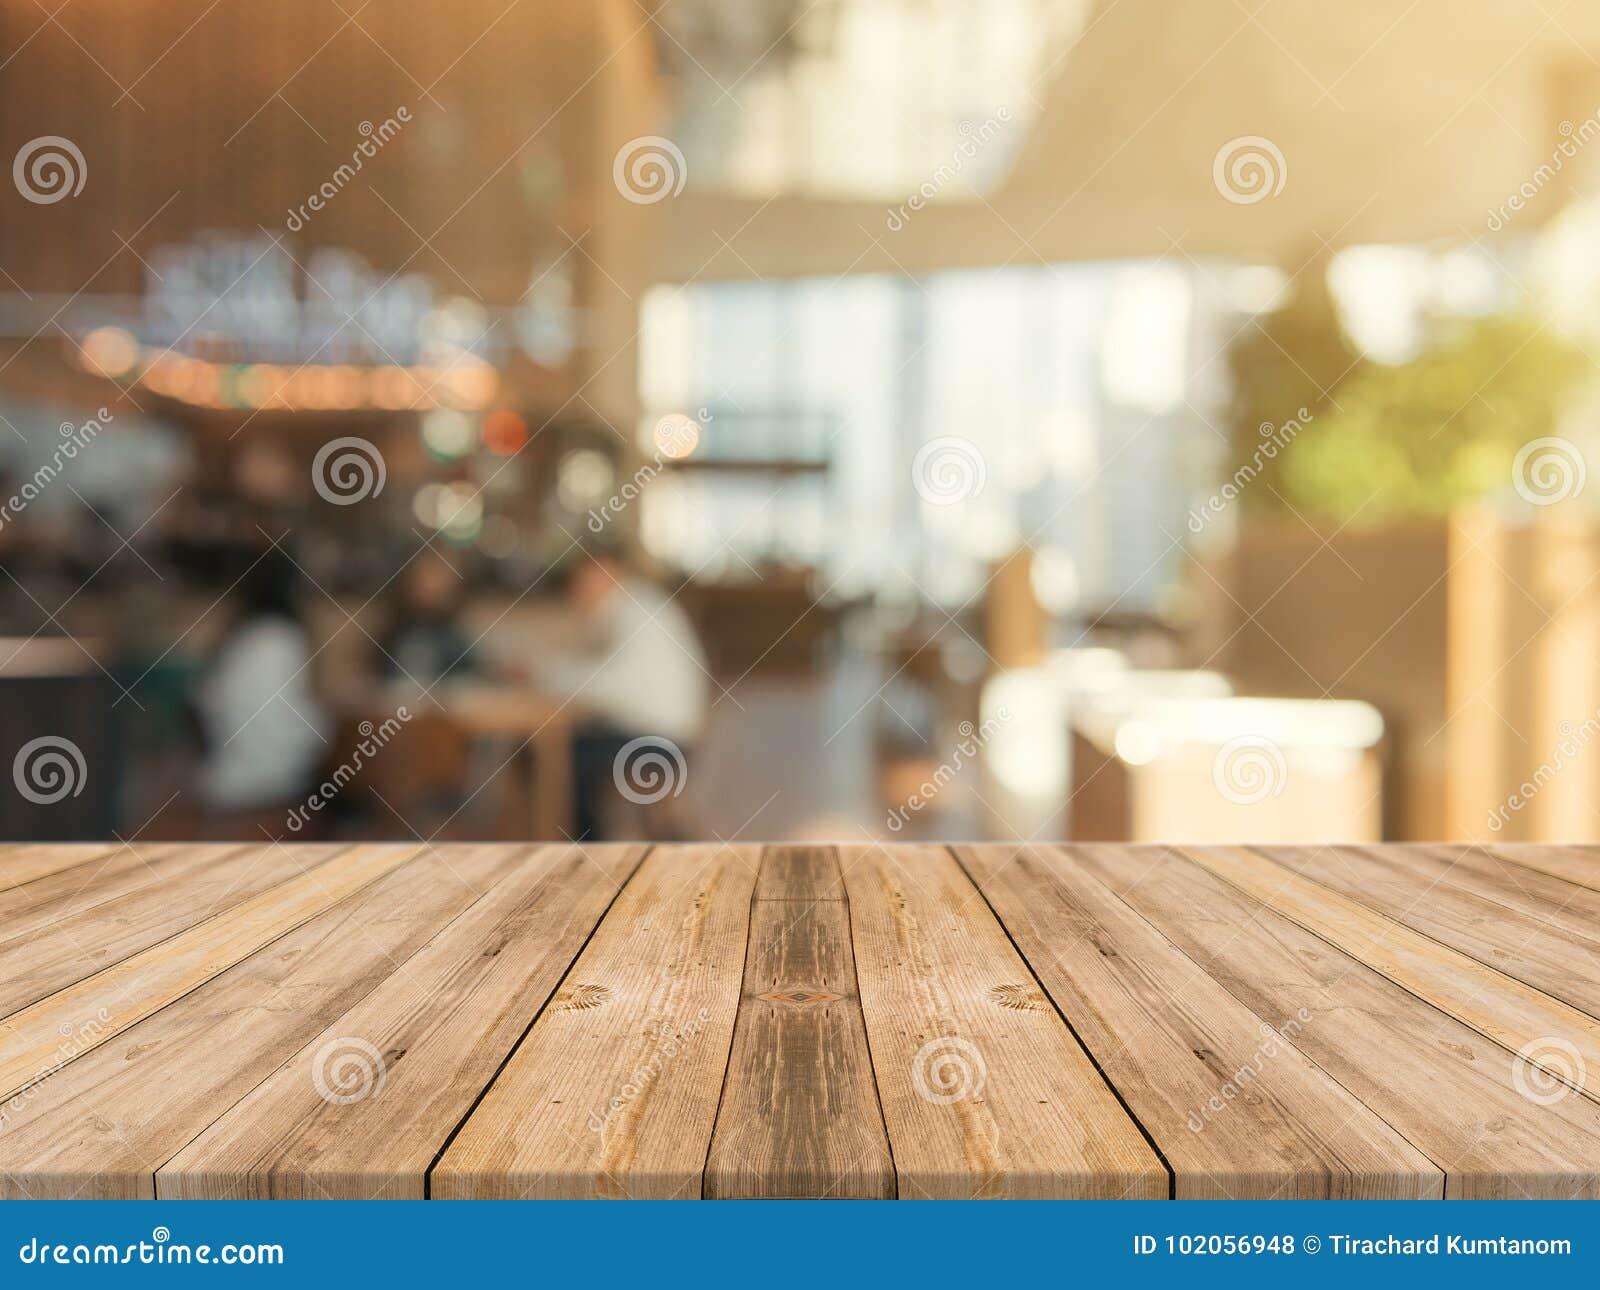 Dessus de table vide de conseil en bois dessus de fond brouillé Table en bois brune de perspective au-dessus de tache floue à l a